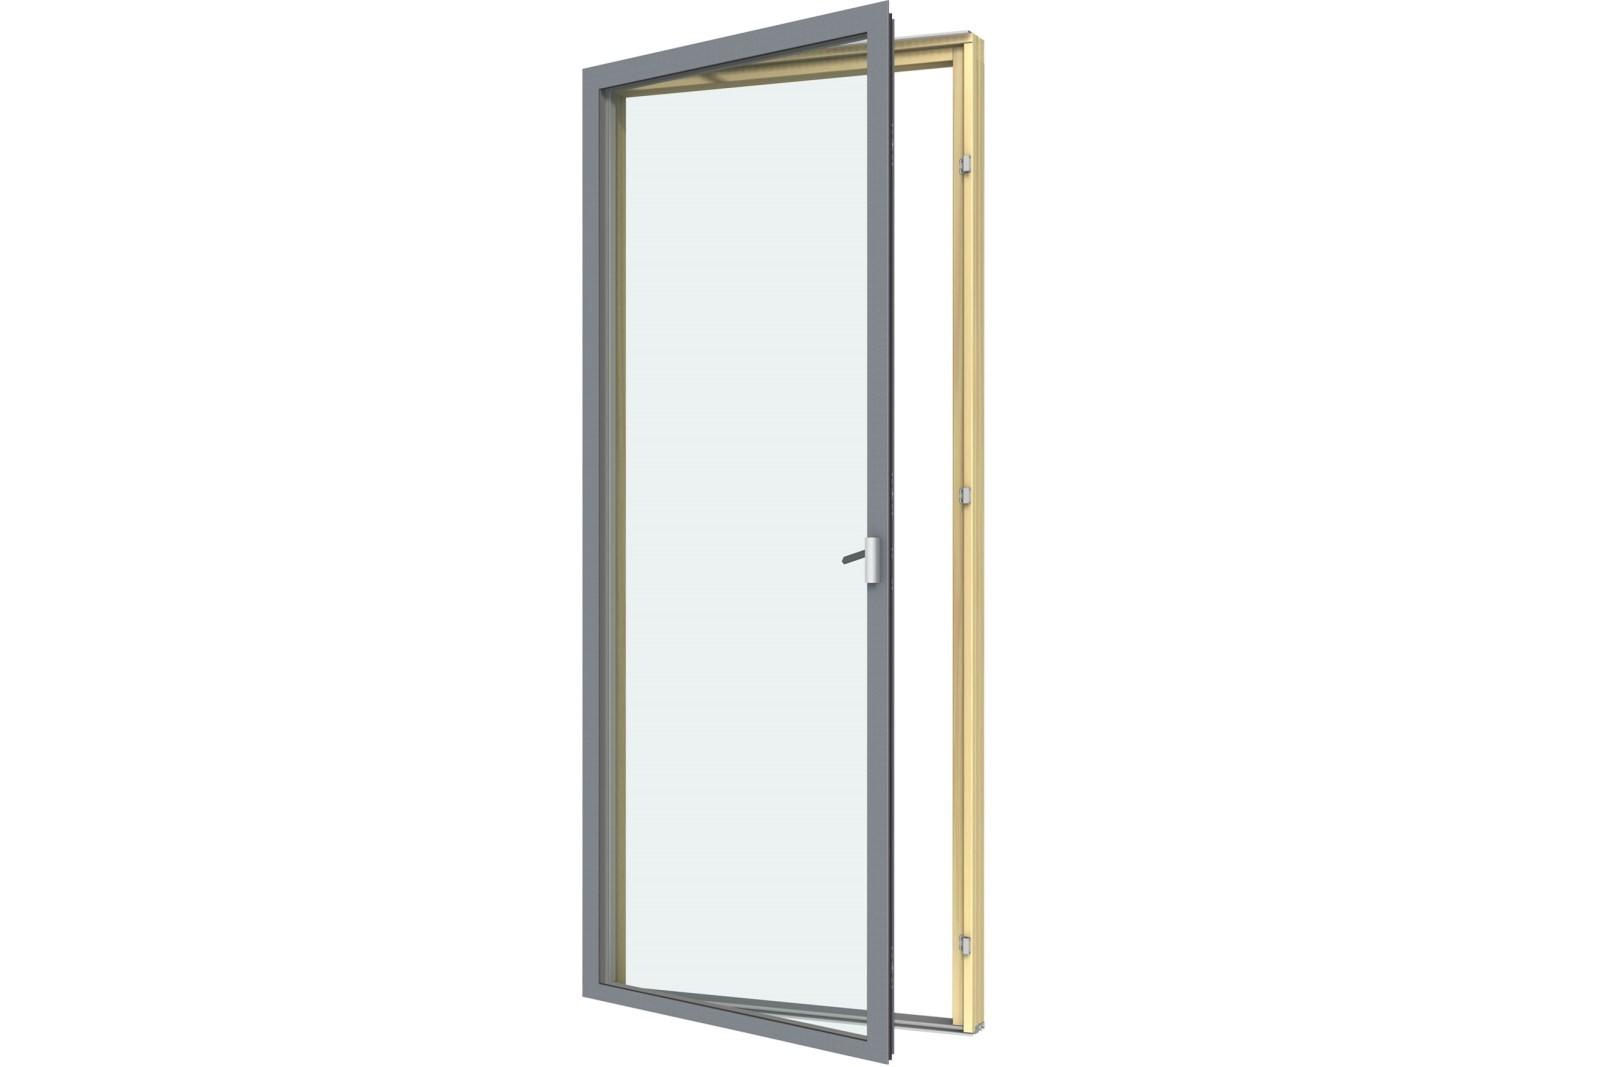 Velfac 200 terrassent r for Fenster 200 x 200